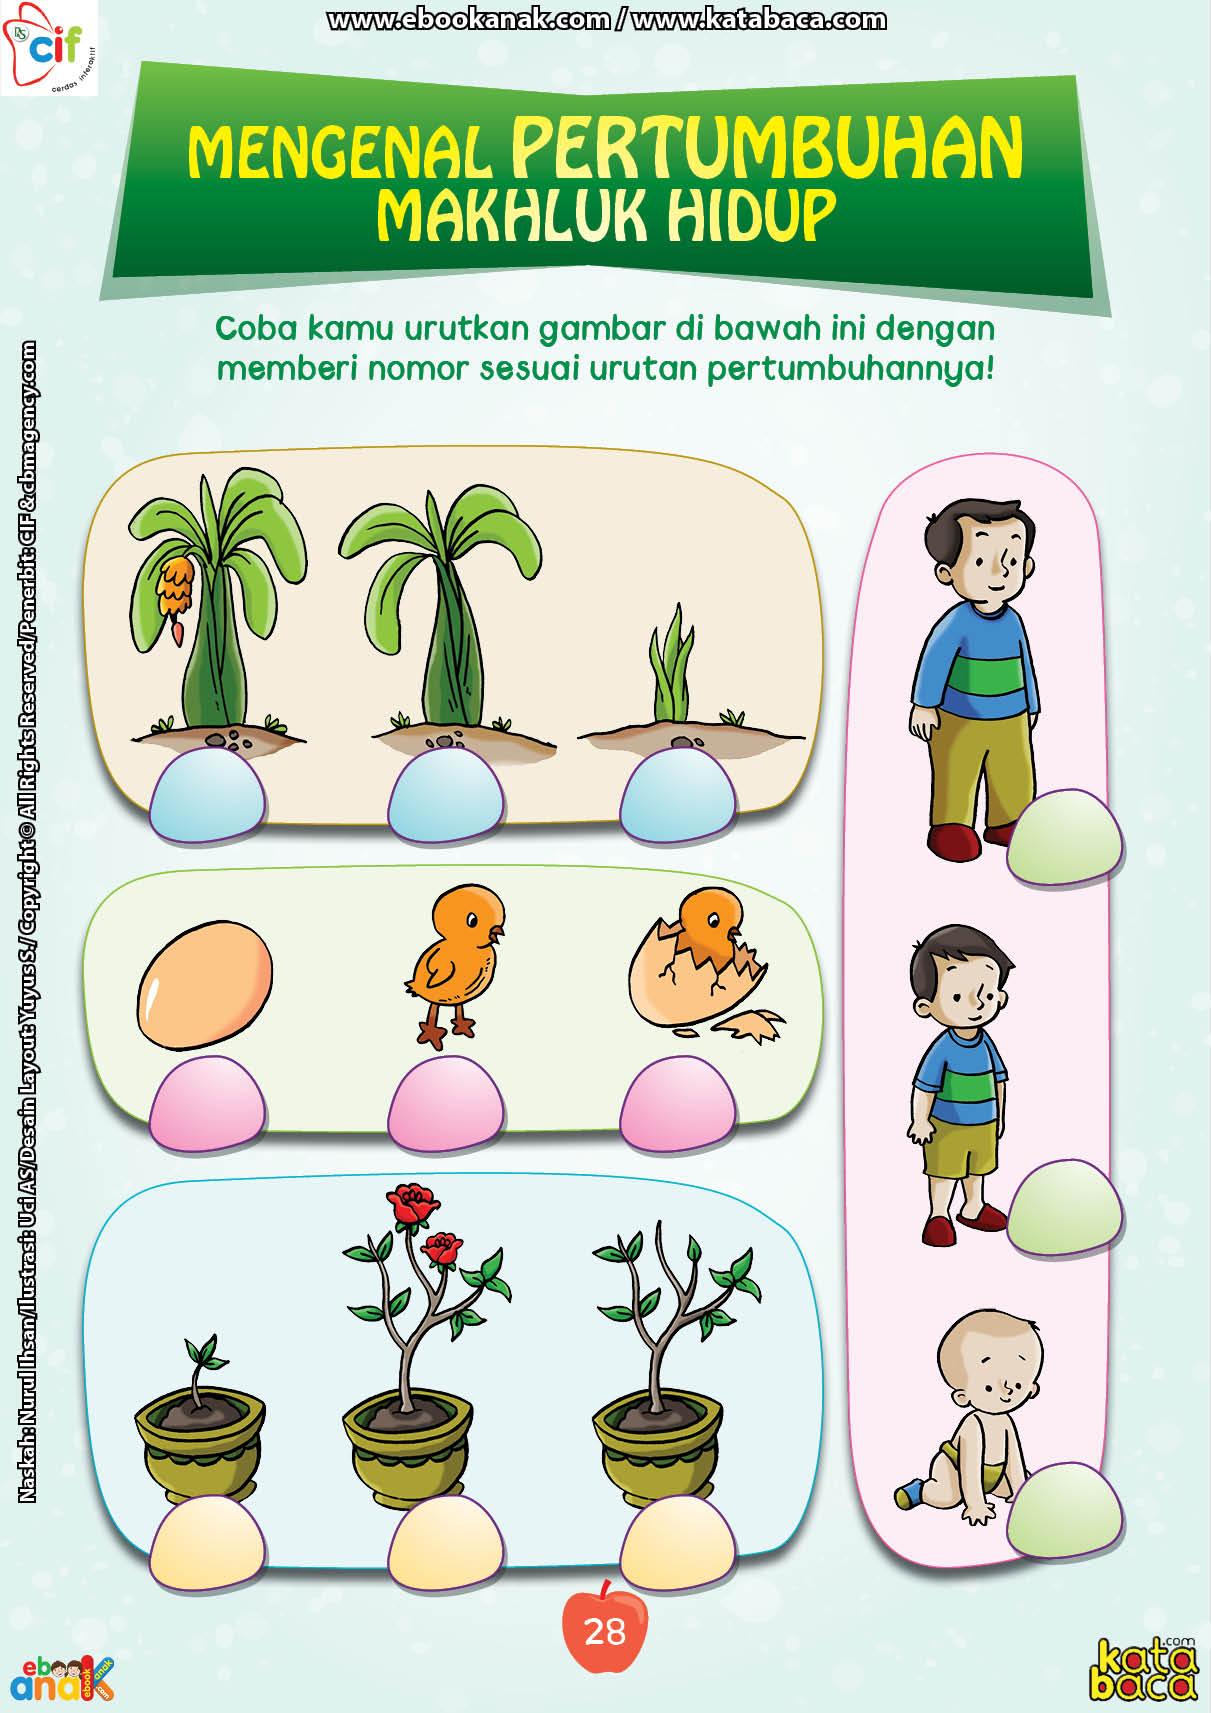 baca buku online brain games fun sains36 Mengenal Pertumbuhan dan Perkembangan Makhluk Hidup